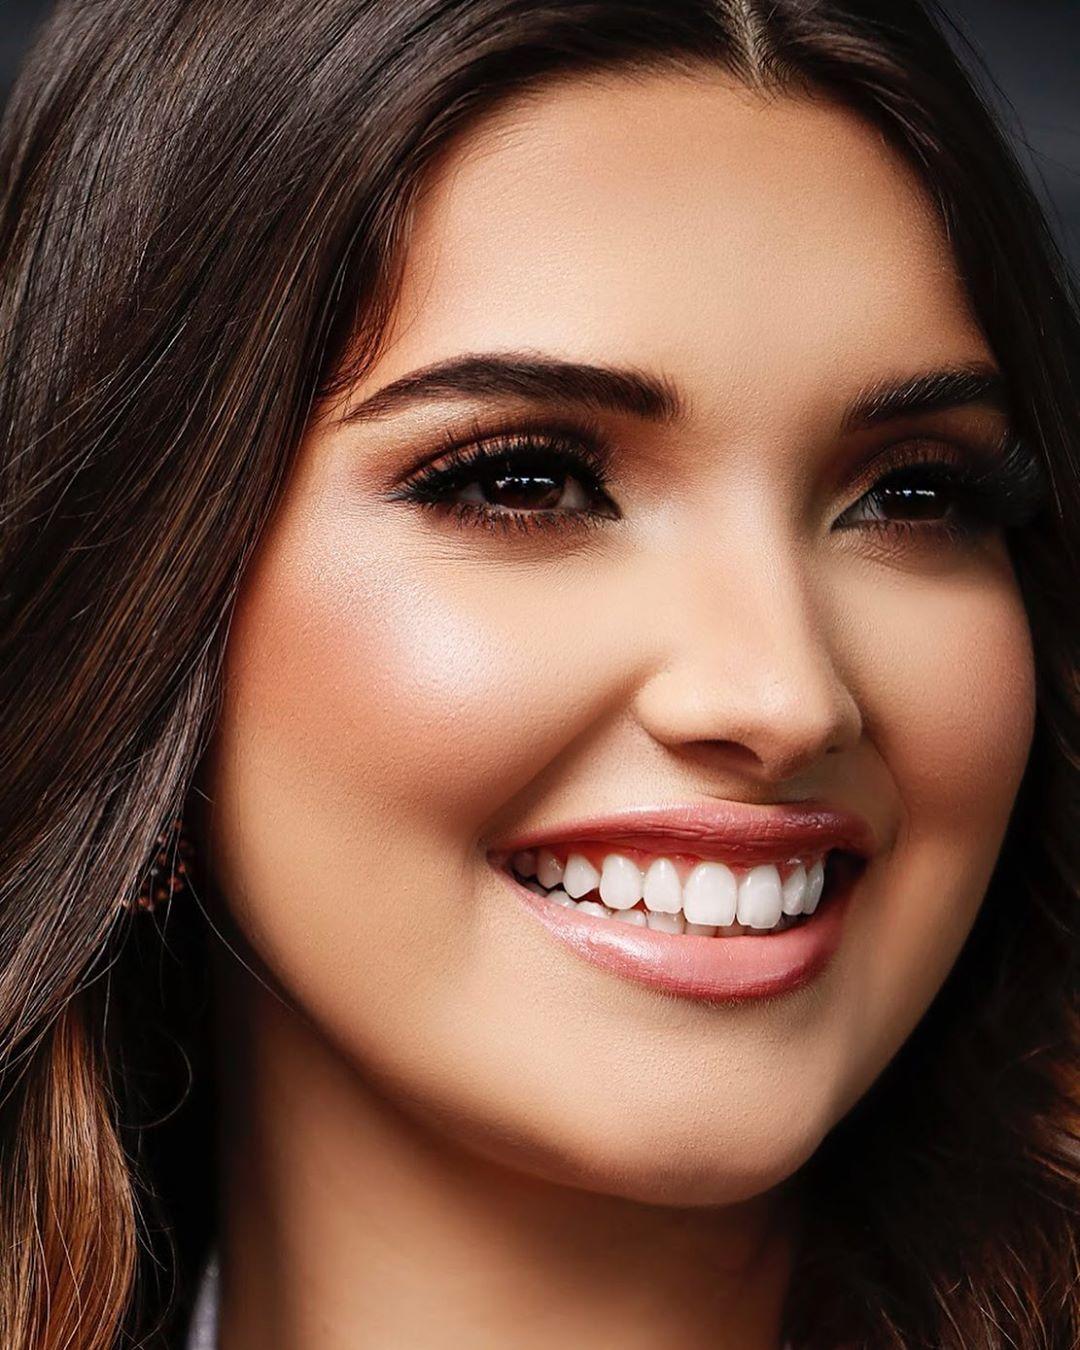 candidatas a miss international brazil 2019. final: 5 sept. - Página 2 1oPKBa